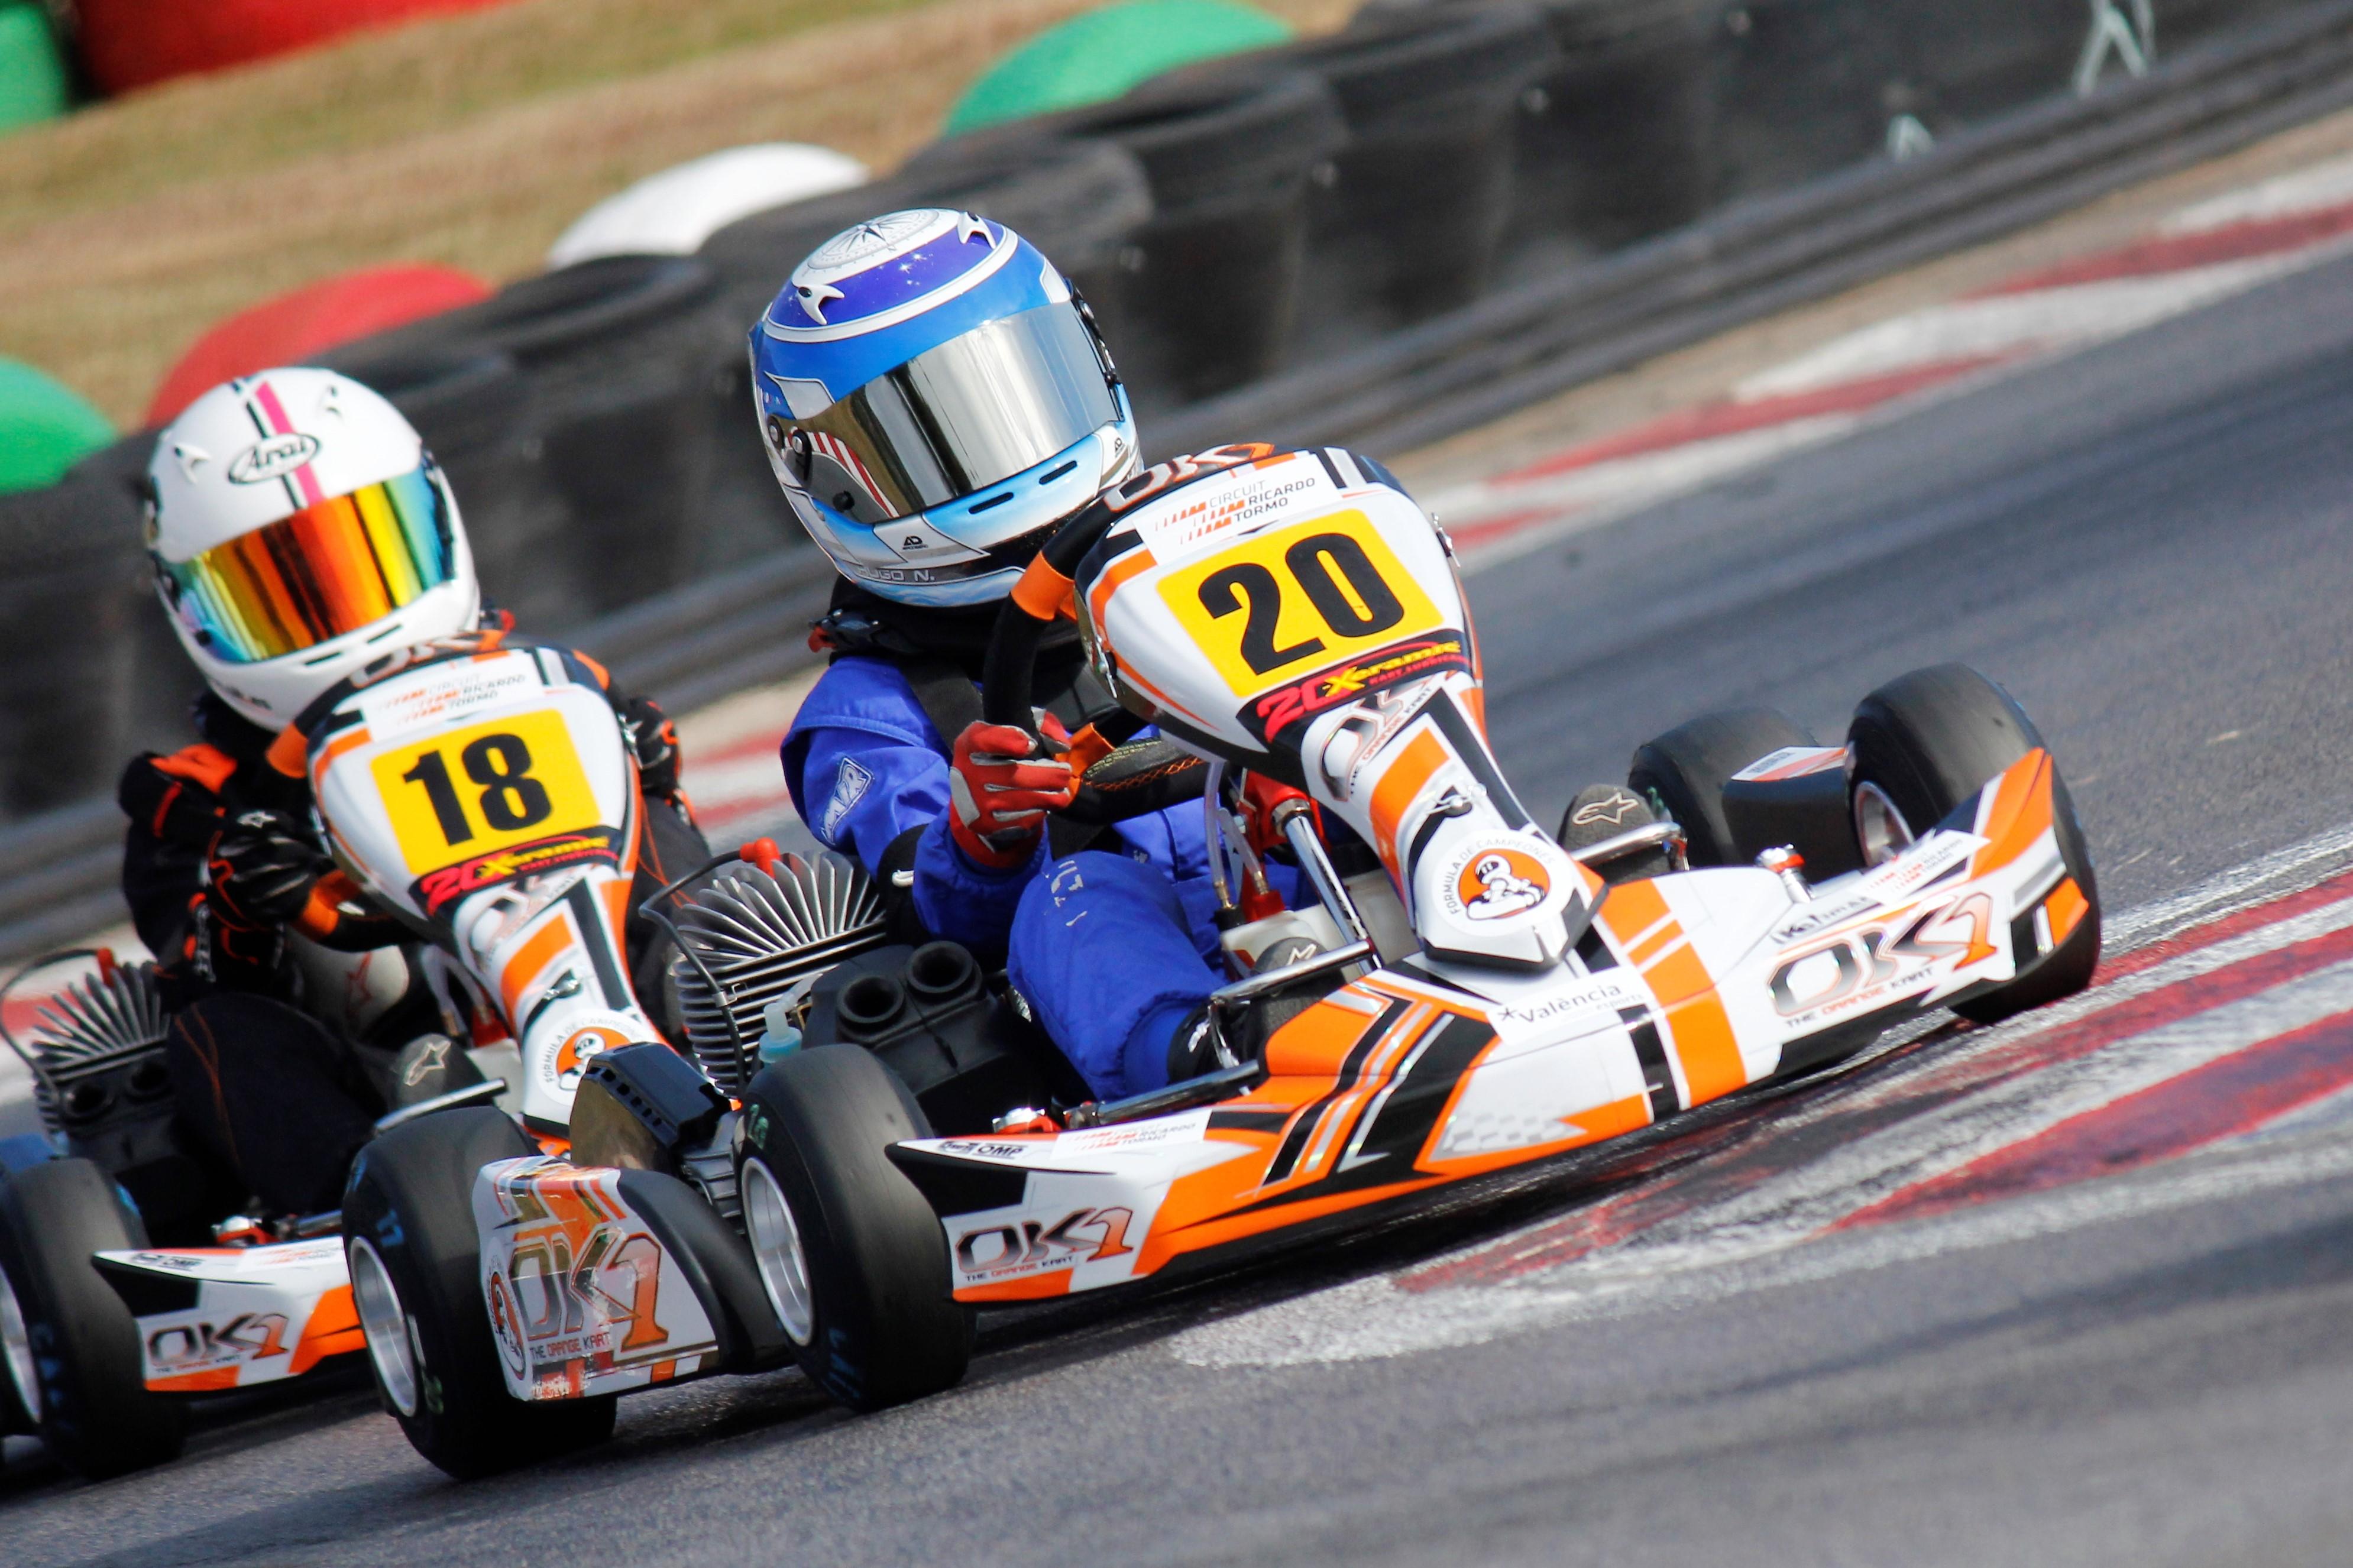 El objetivo es favorecer la formación integral del piloto y compaginar su formación académica con su preparación para la alta competició.